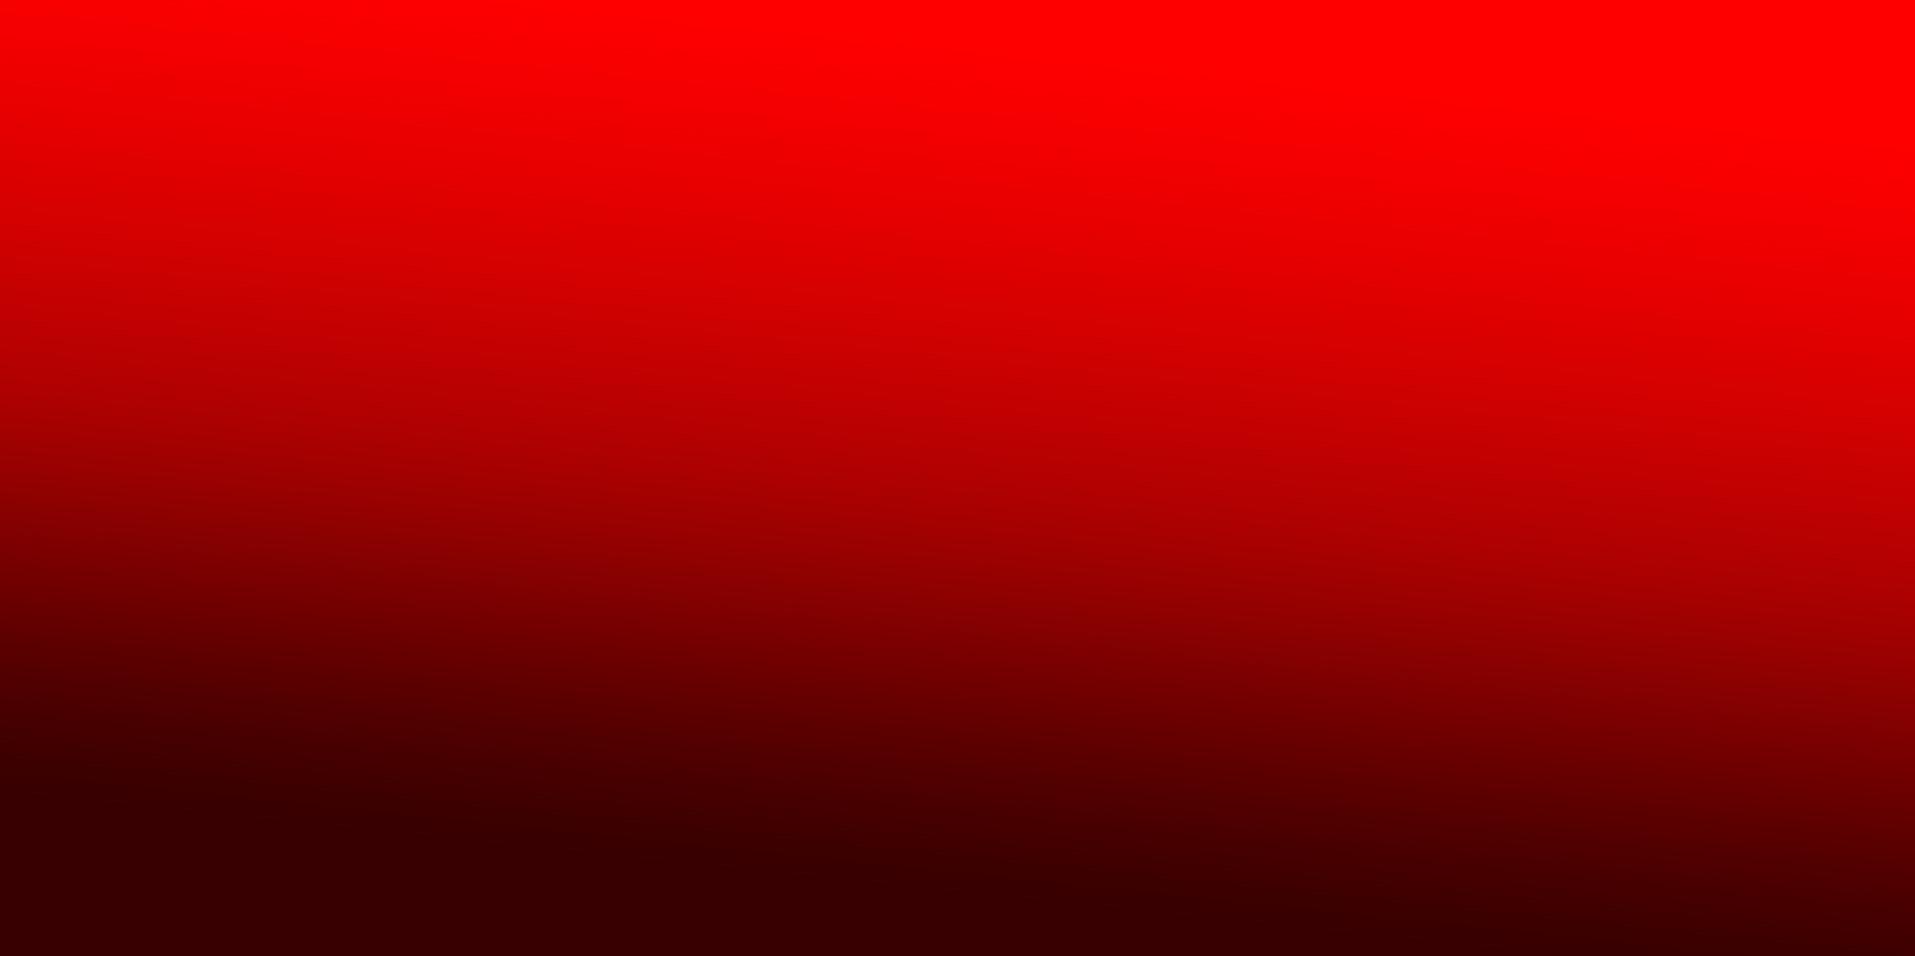 Henrikh Mkhitaryan Background